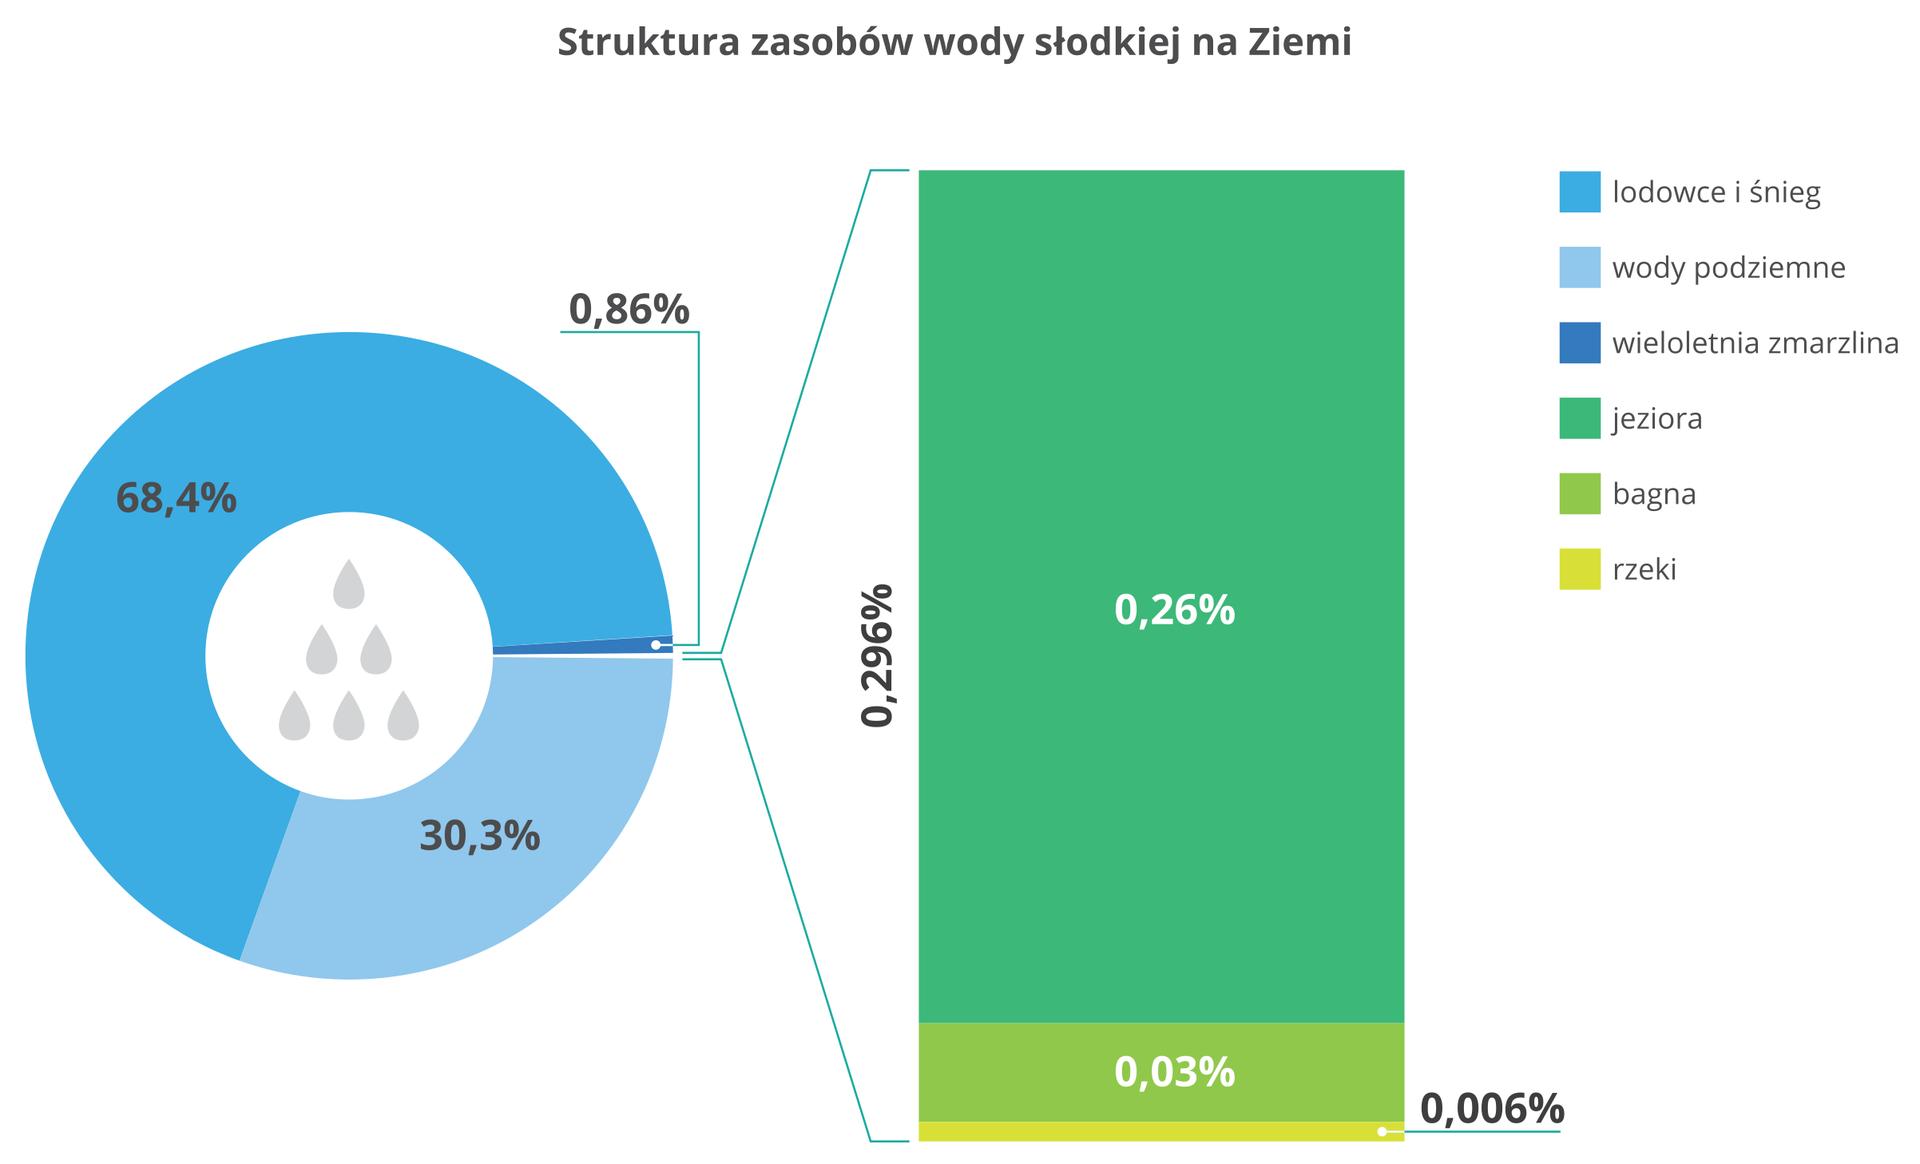 Na ilustracji dwa diagramy. Diagram kołowy – struktura zasobów wody słodkiej na Ziemi – sześćdziesiąt osiem icztery dziesiąte procenta – lodowce iśnieg, trzydzieści itrzy dziesiąte procenta – wody podziemne, zero, osiemdziesiąt sześć setnych procenta – wieloletnia zmarzlina, zero, dwieście dziewięćdziesiąt sześć tysięcznych procenta jeziora, bagna irzeki. Drugi diagram, słupkowy przedstawia szczegółową strukturę wód powierzchniowych: jeziora – dwadzieścia sześć setnych procenta, bagna – trzy setne procenta, arzeki – sześć tysięcznych procenta.